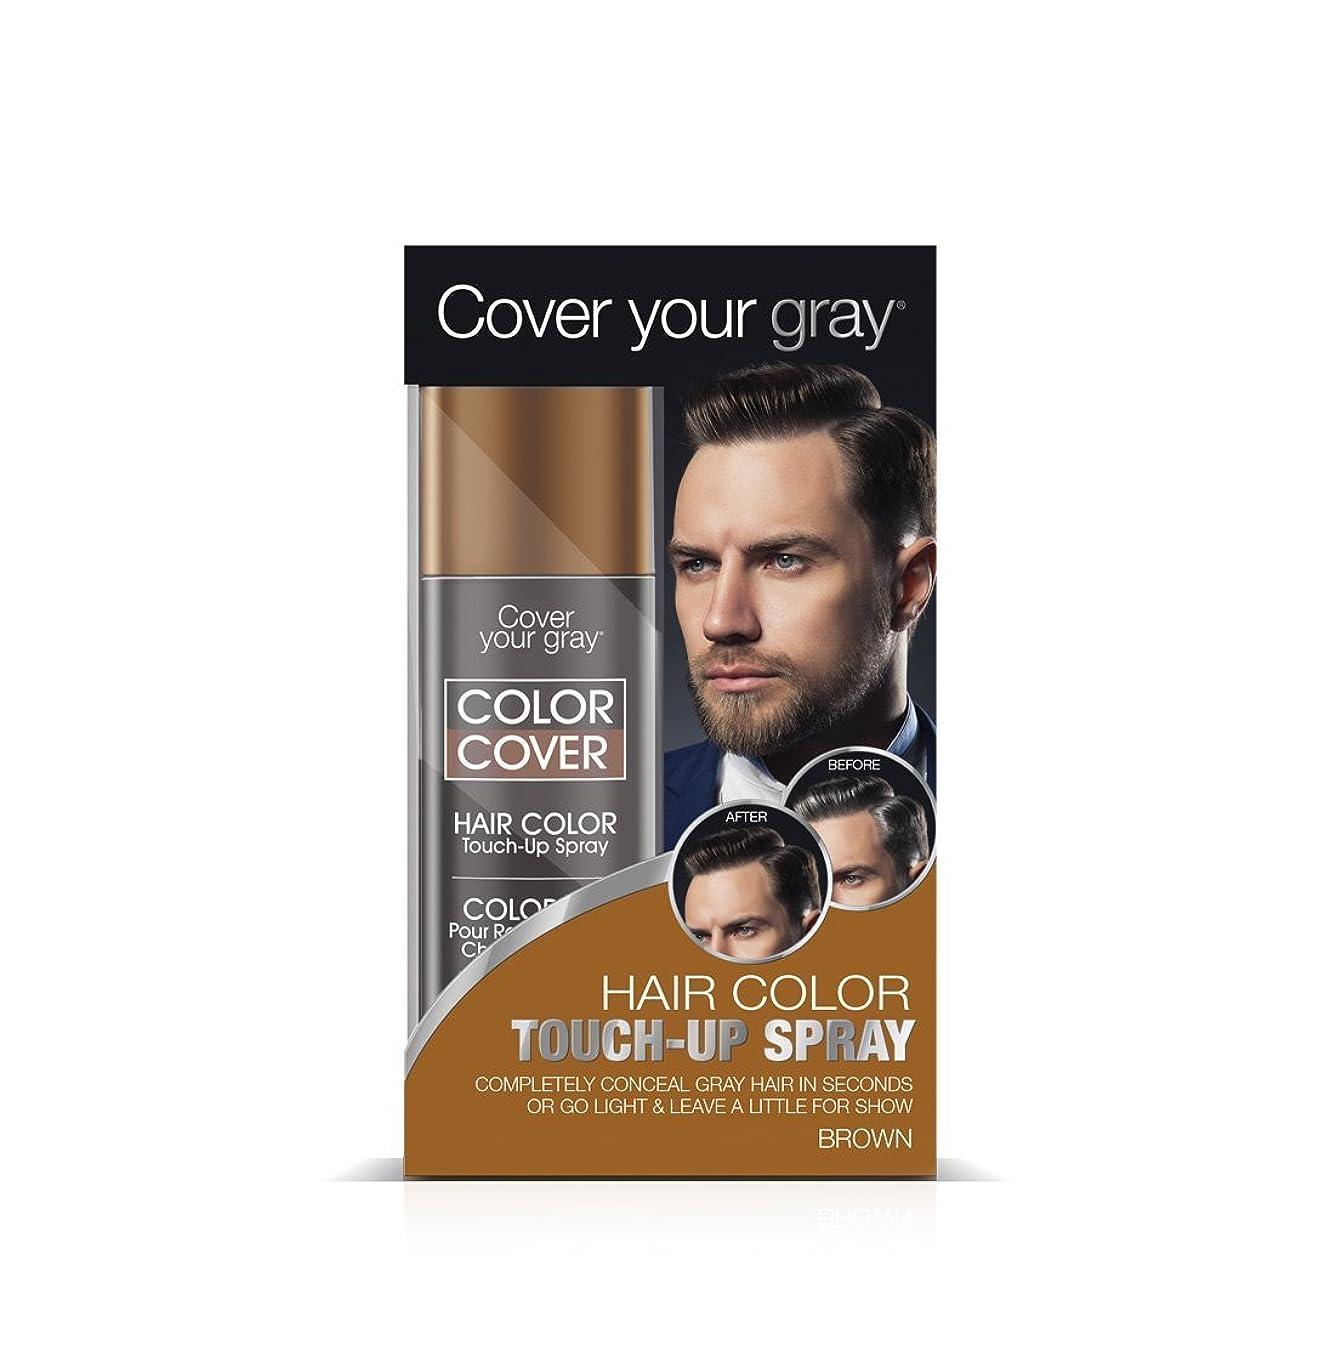 策定する書士蓋Cover Your Gray メンズカラーカバータッチアップスプレー - ブラウン